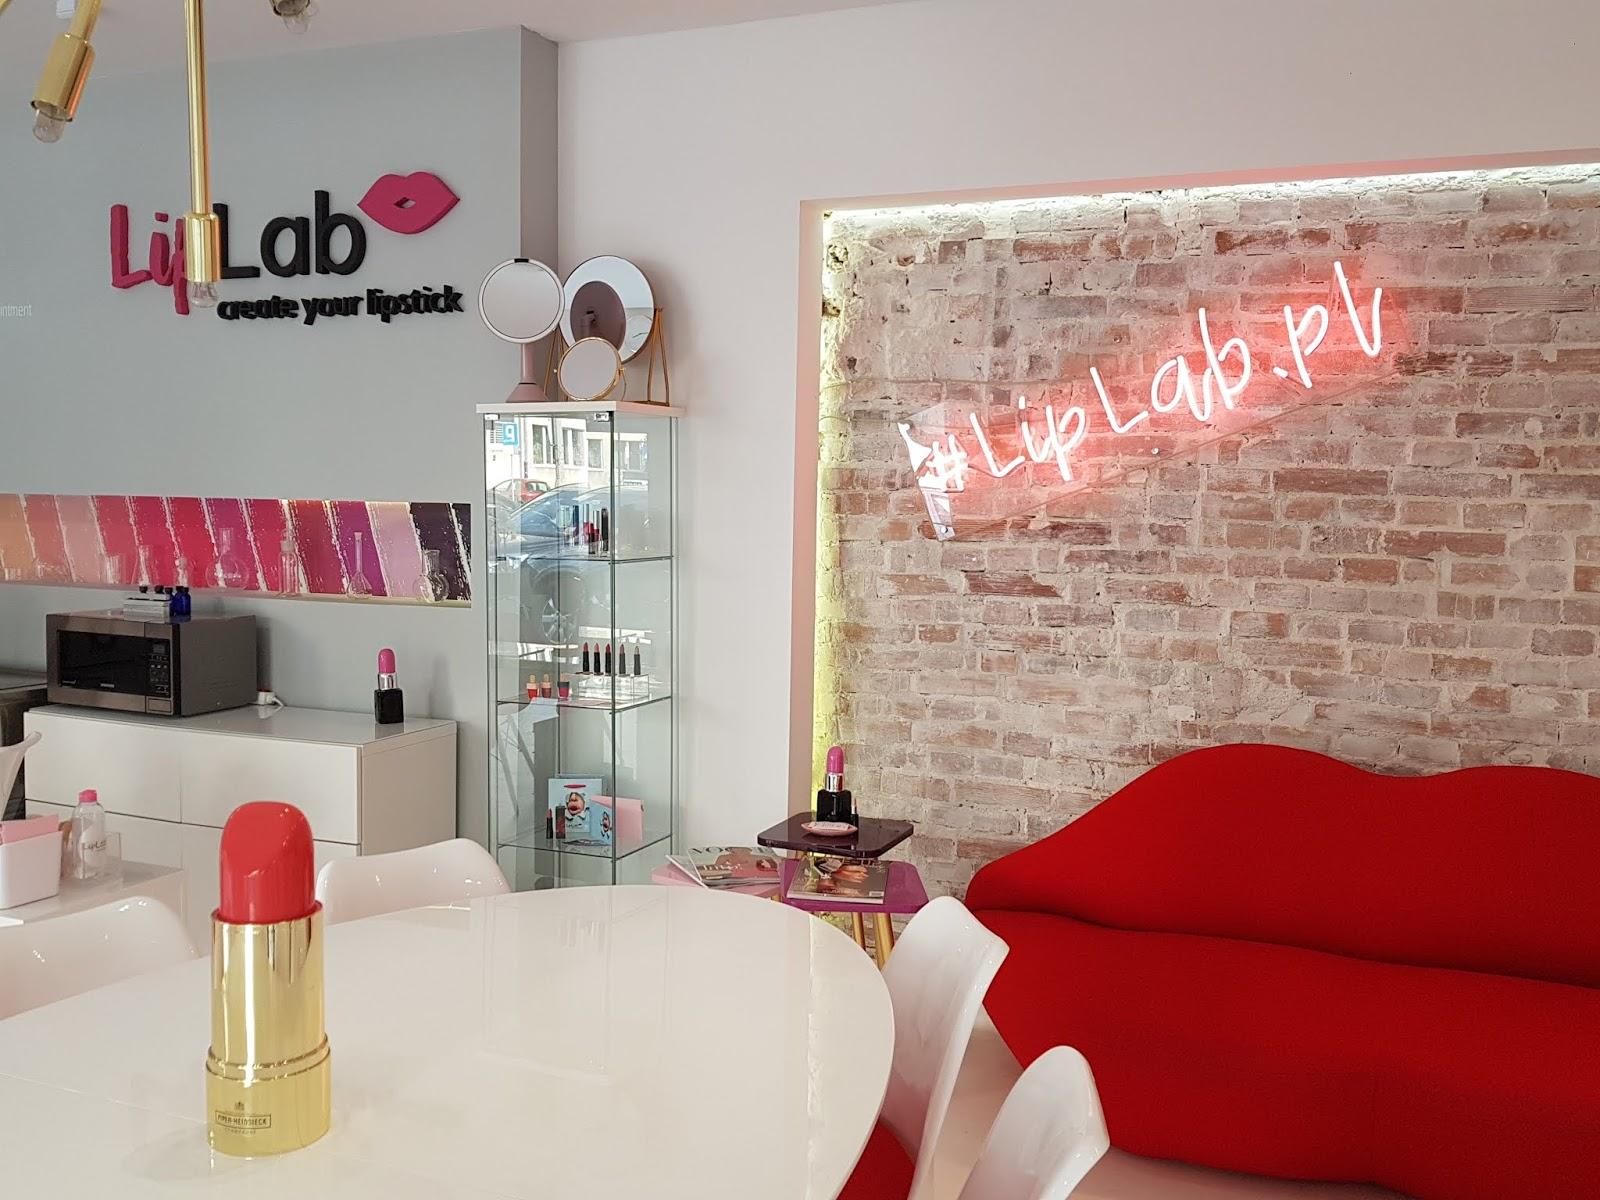 Jak stworzyć własny kolor szminki - Lip Lab & Prezent Marzeń